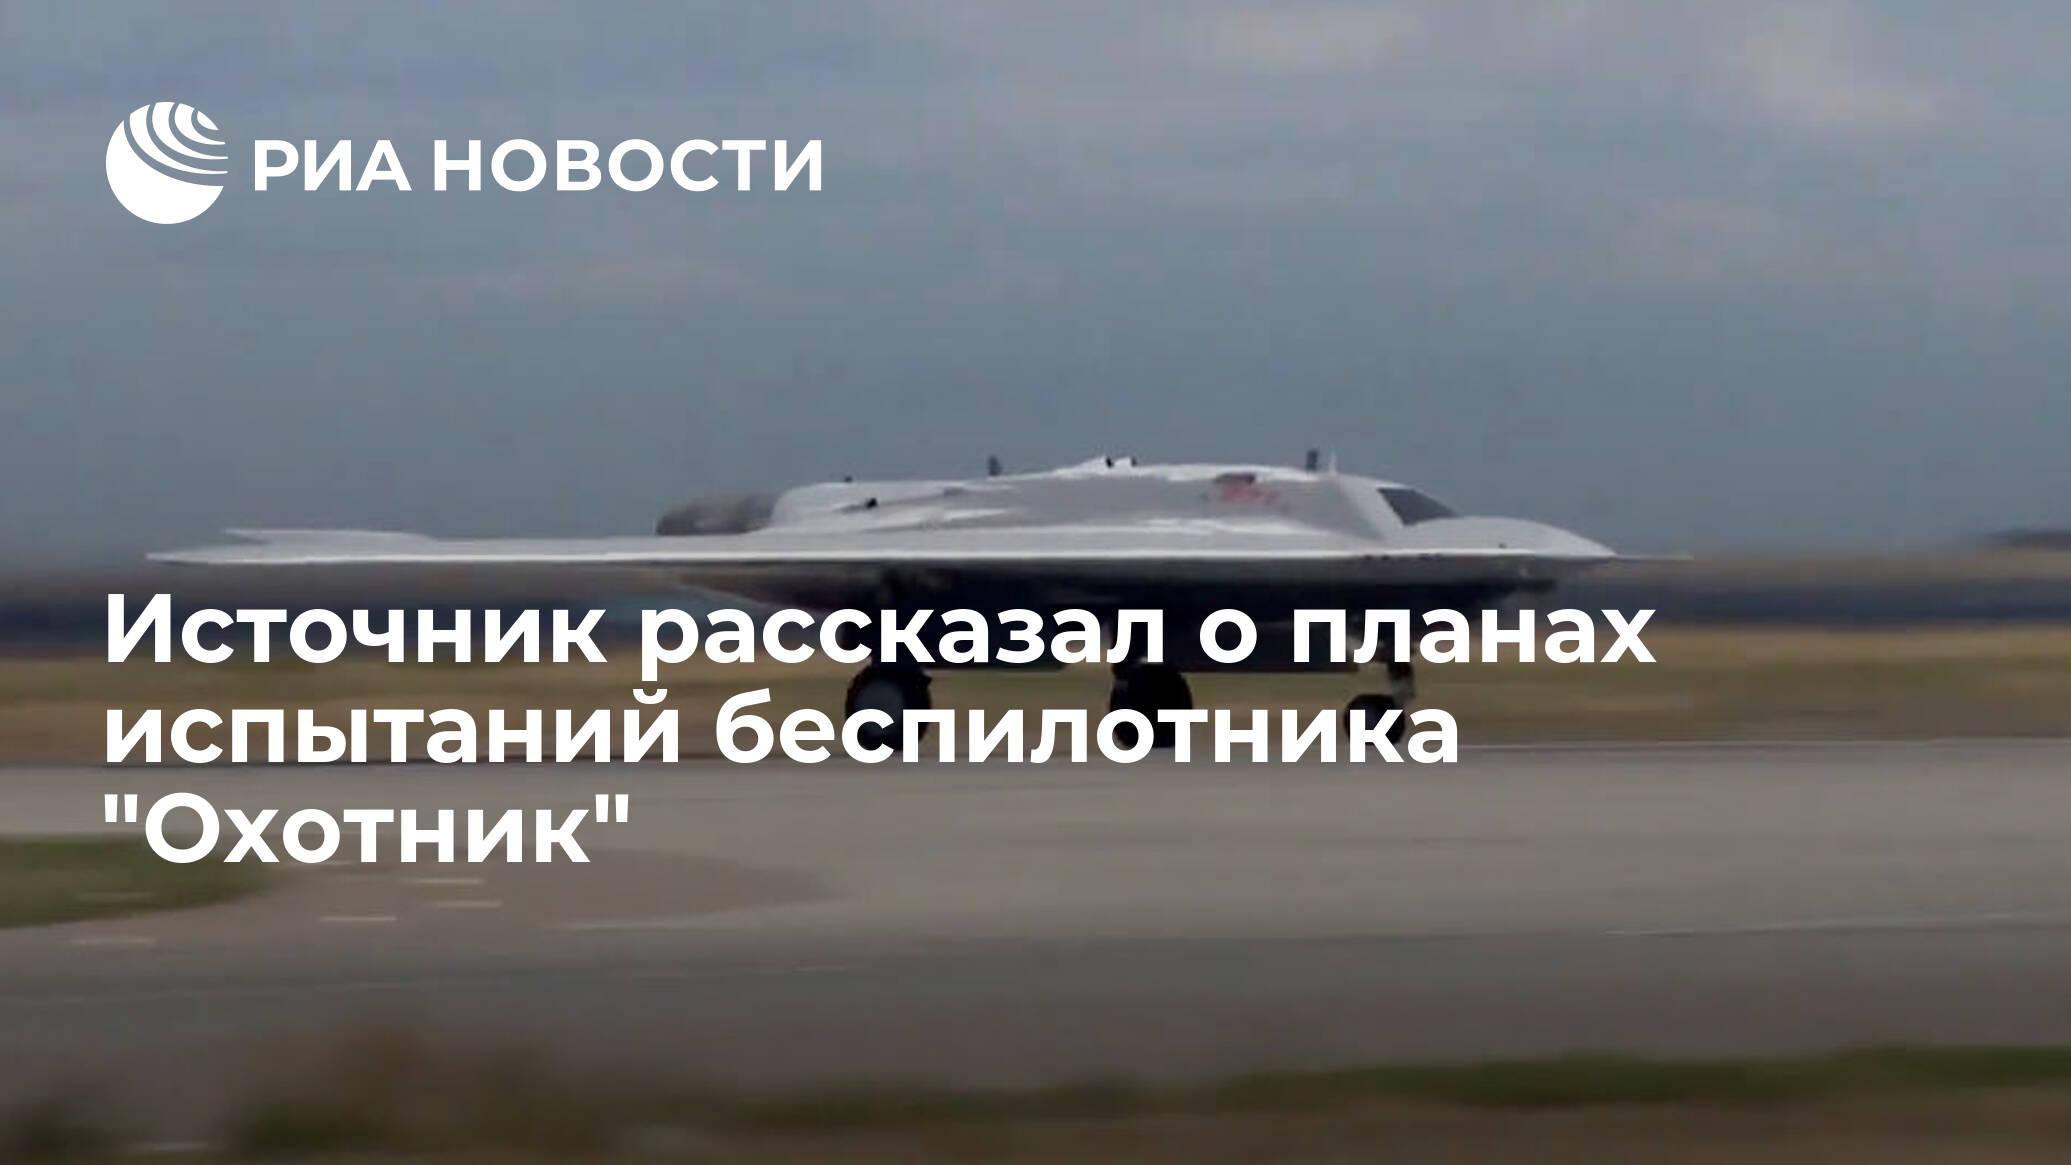 Источник рассказал о планах испытаний беспилотника «Охотник»